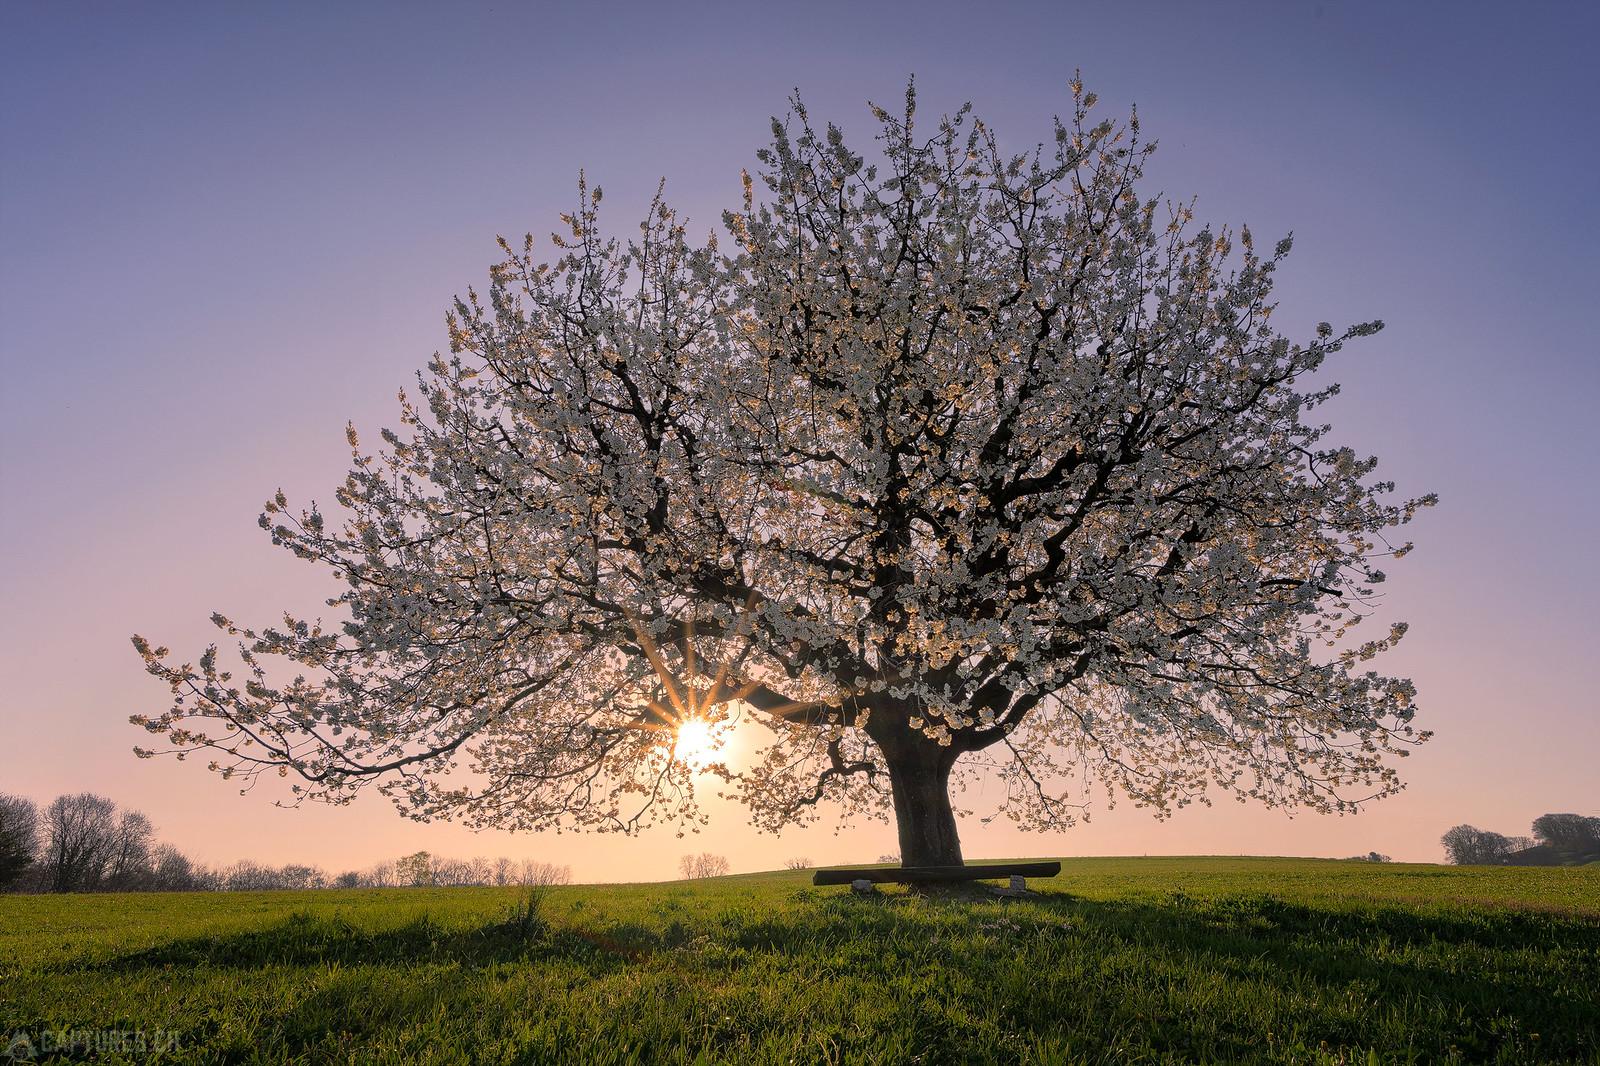 Sun in the tree - Buus